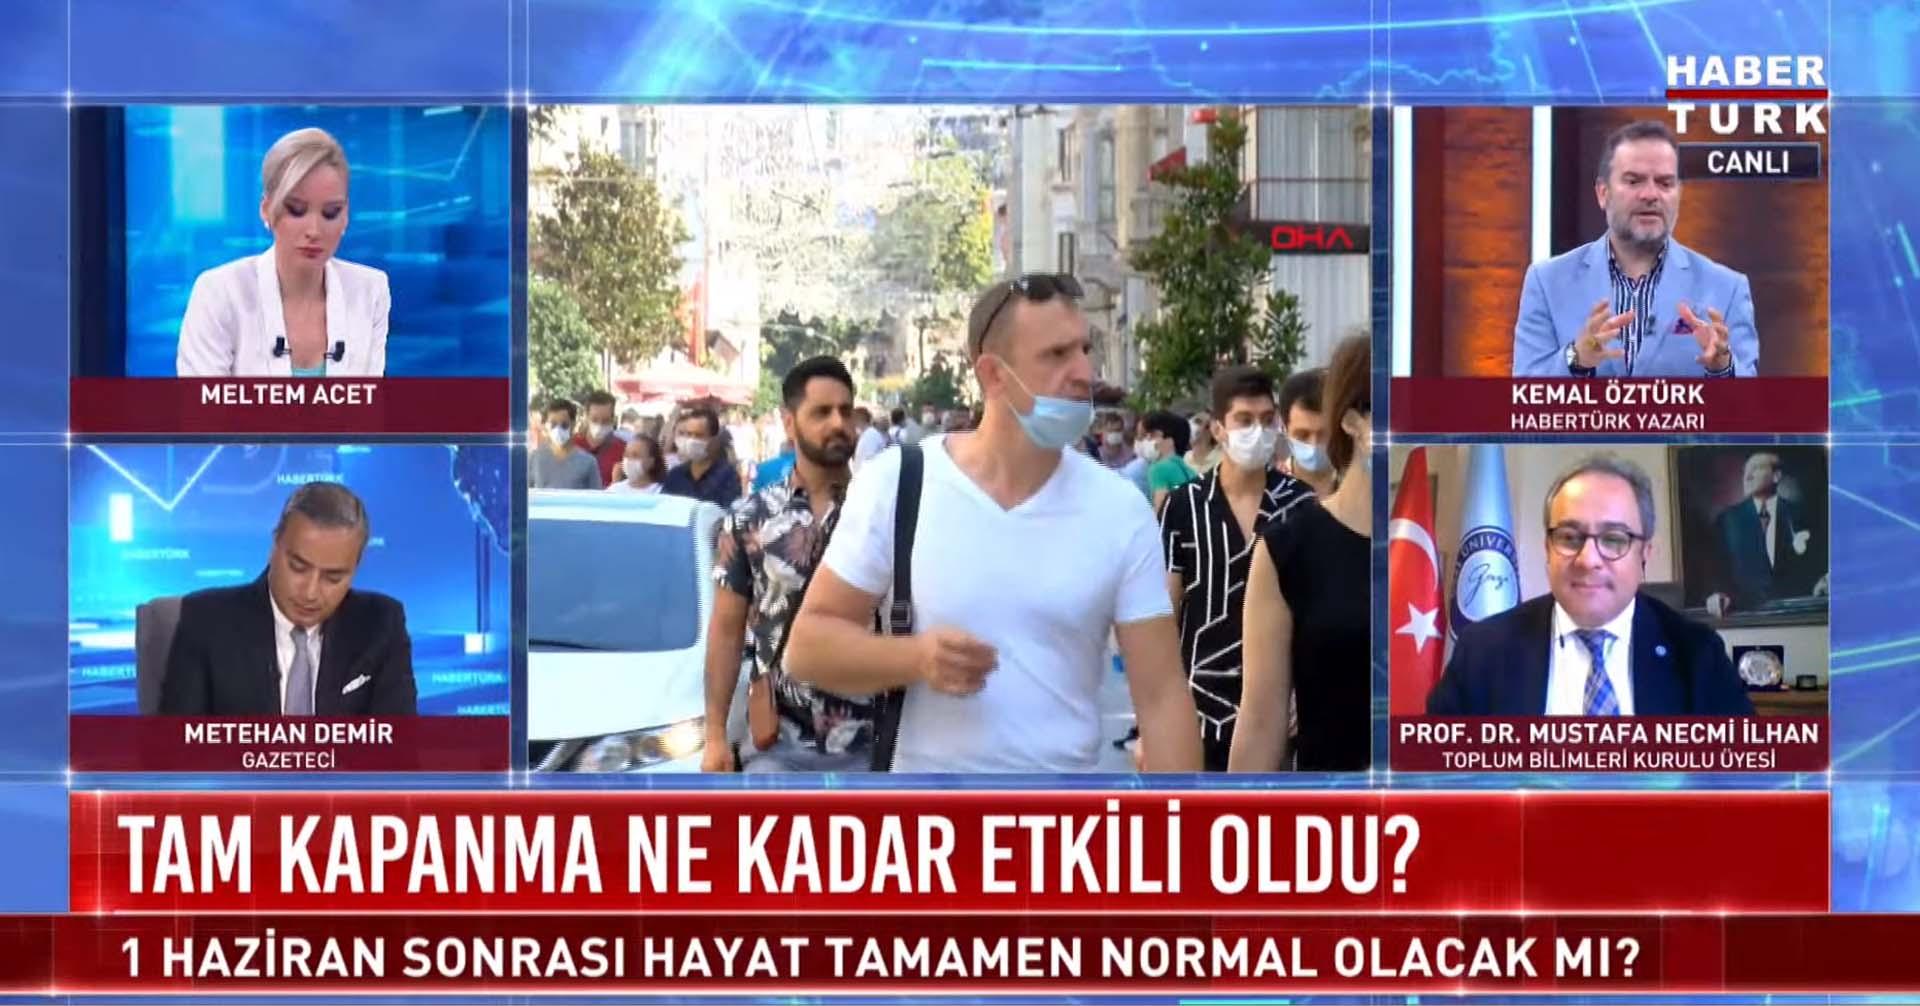 Prof. Dr. Mustafa Necmi İlhan'dan maske açıklaması: Kapalı alanlarda bir süre takmak gerekecek